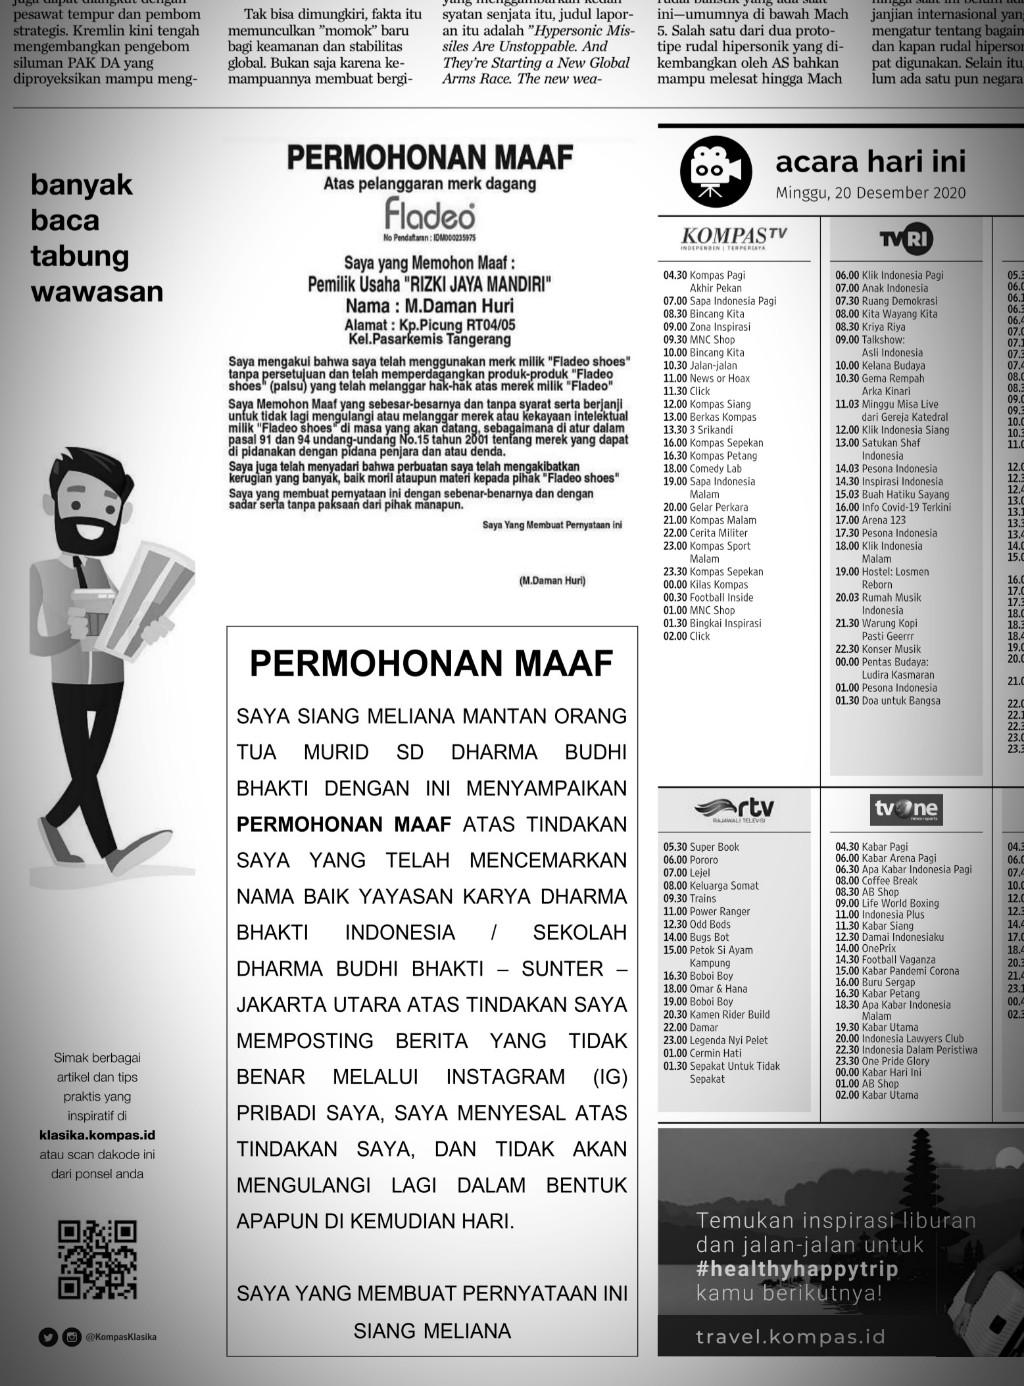 Kompas pasang iklan di koran sendiri berisi ajakan membaca